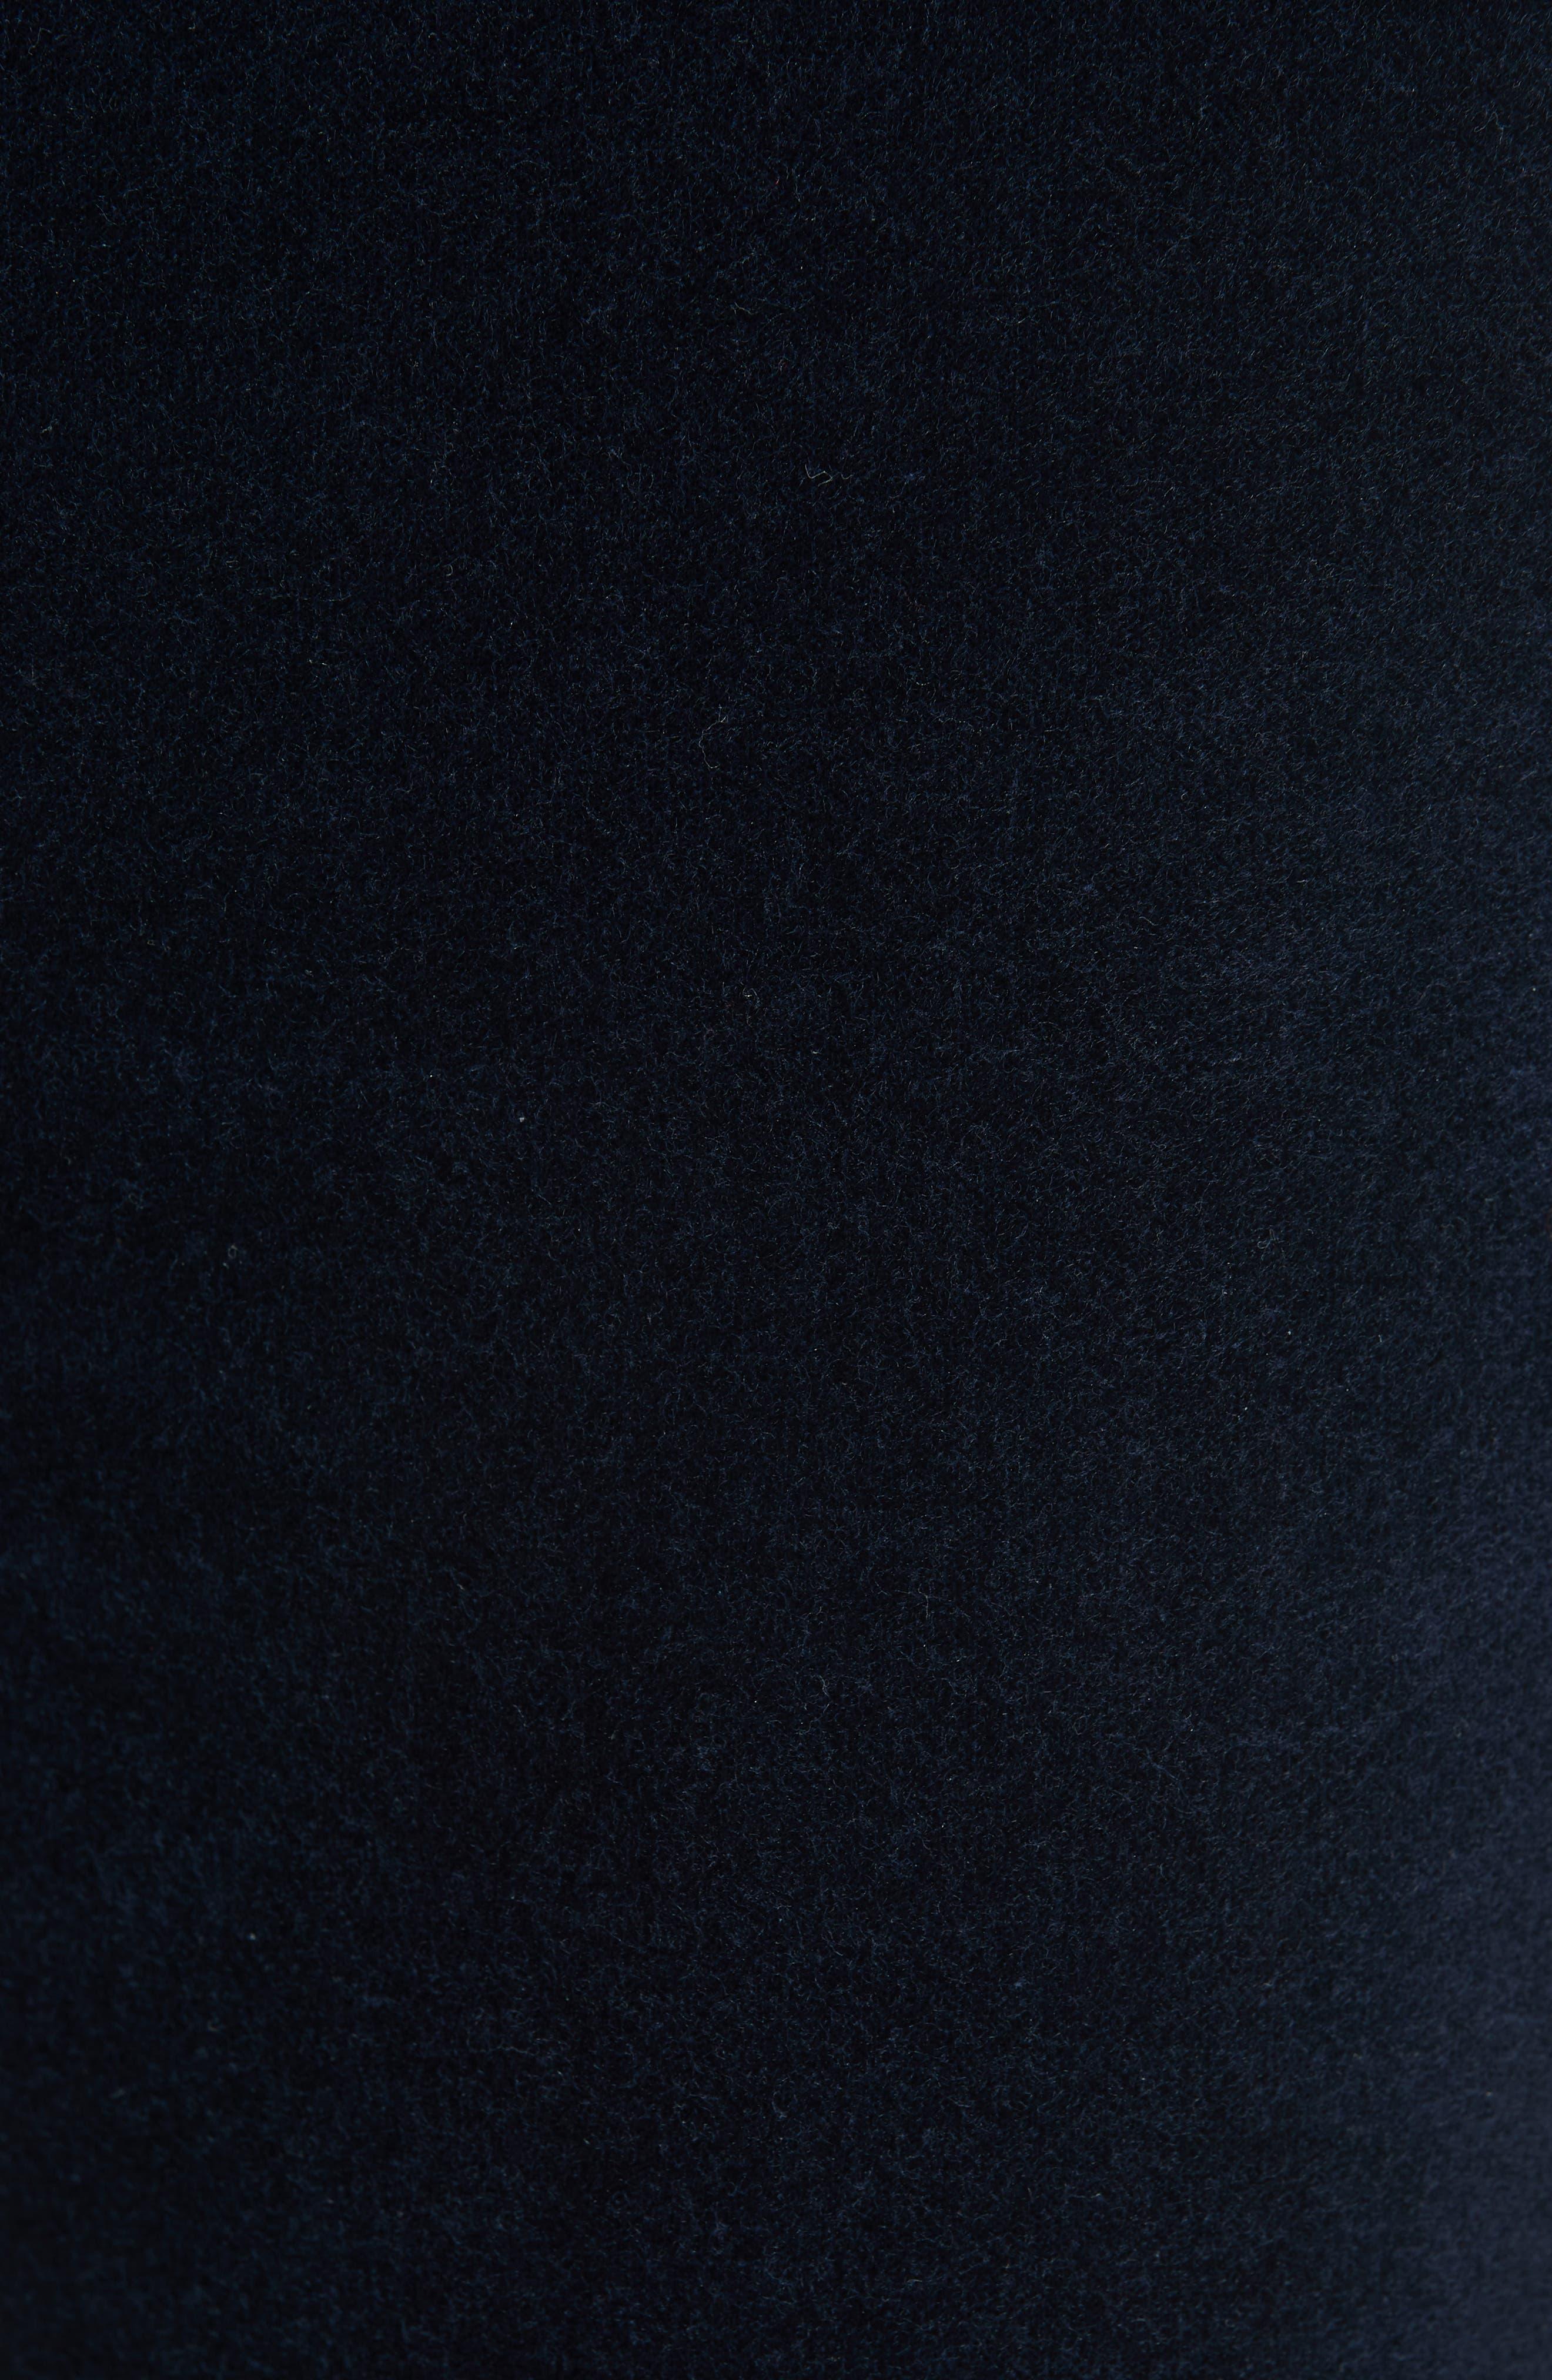 Dojo High Waist Velvet Crop Skinny Pants,                             Alternate thumbnail 5, color,                             NAVY